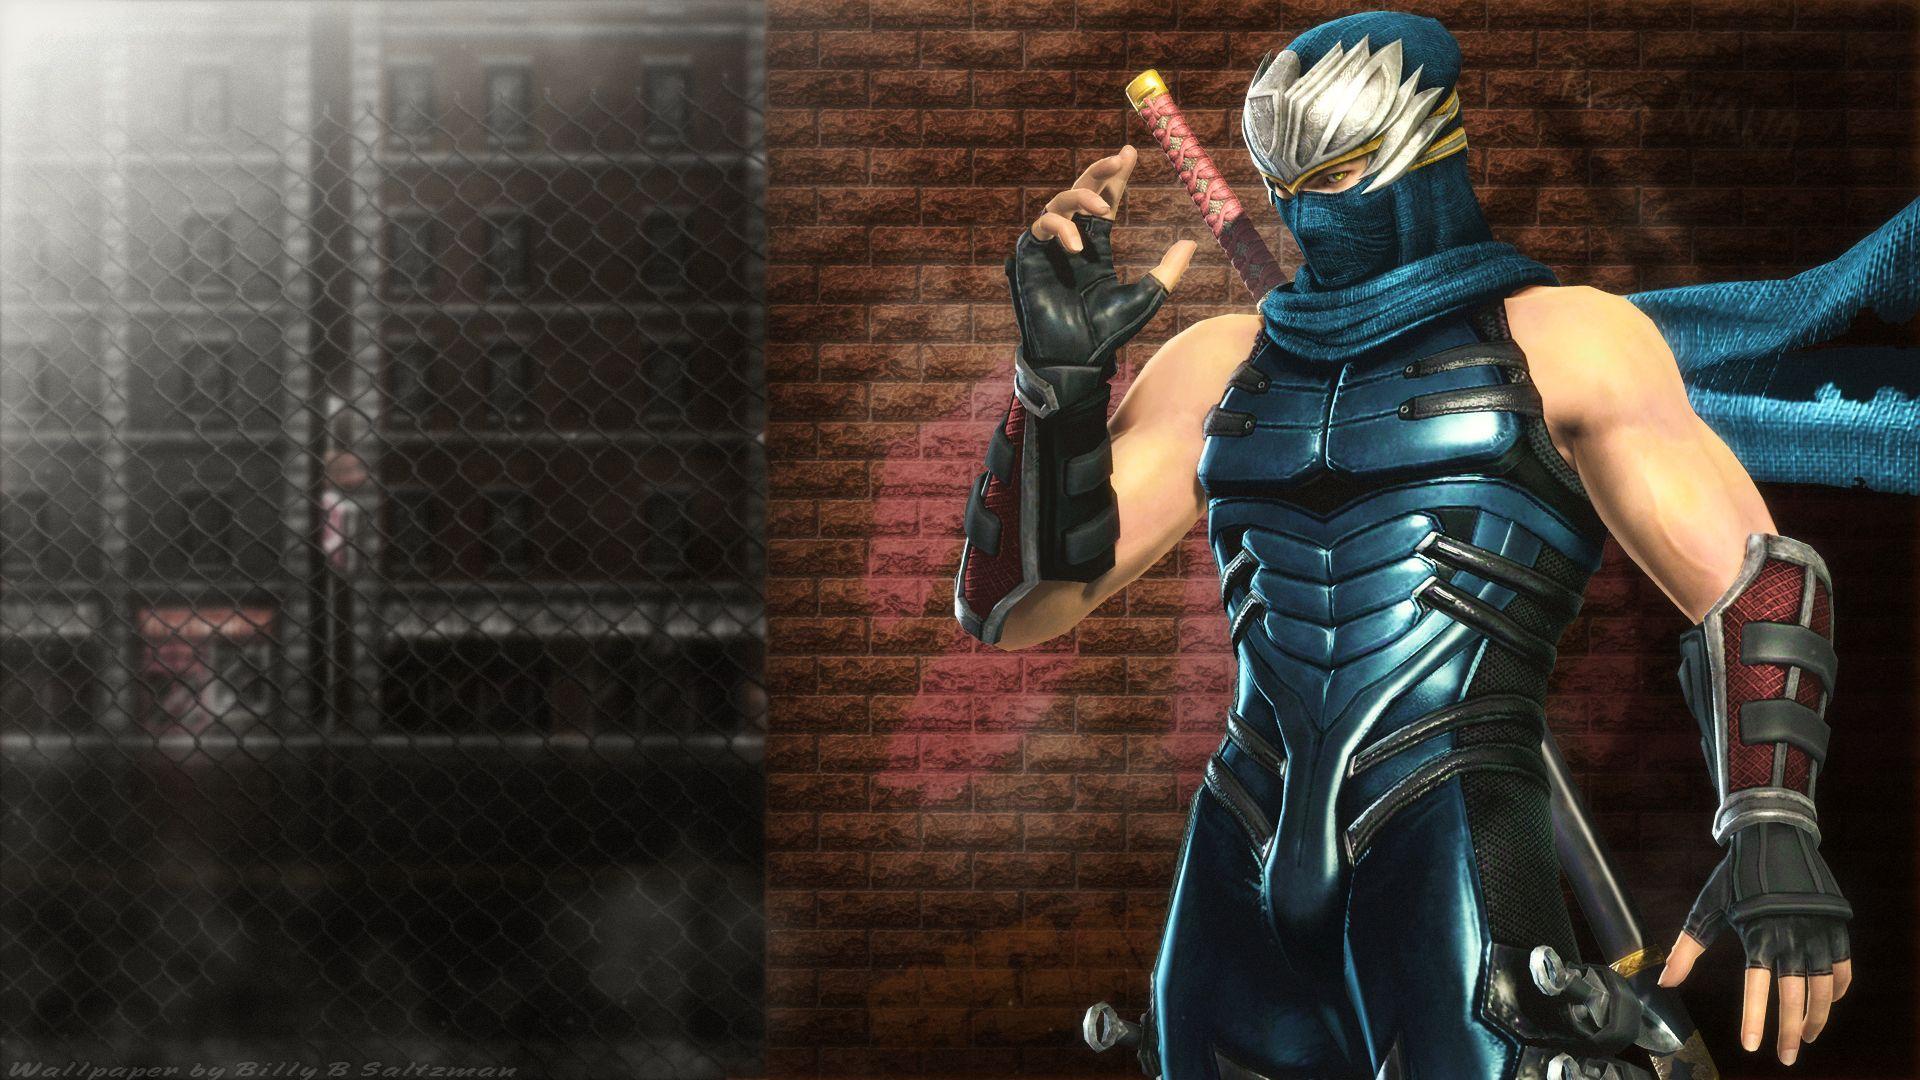 Black Ninja Gaiden 3 Wallpapers Top Free Black Ninja Gaiden 3